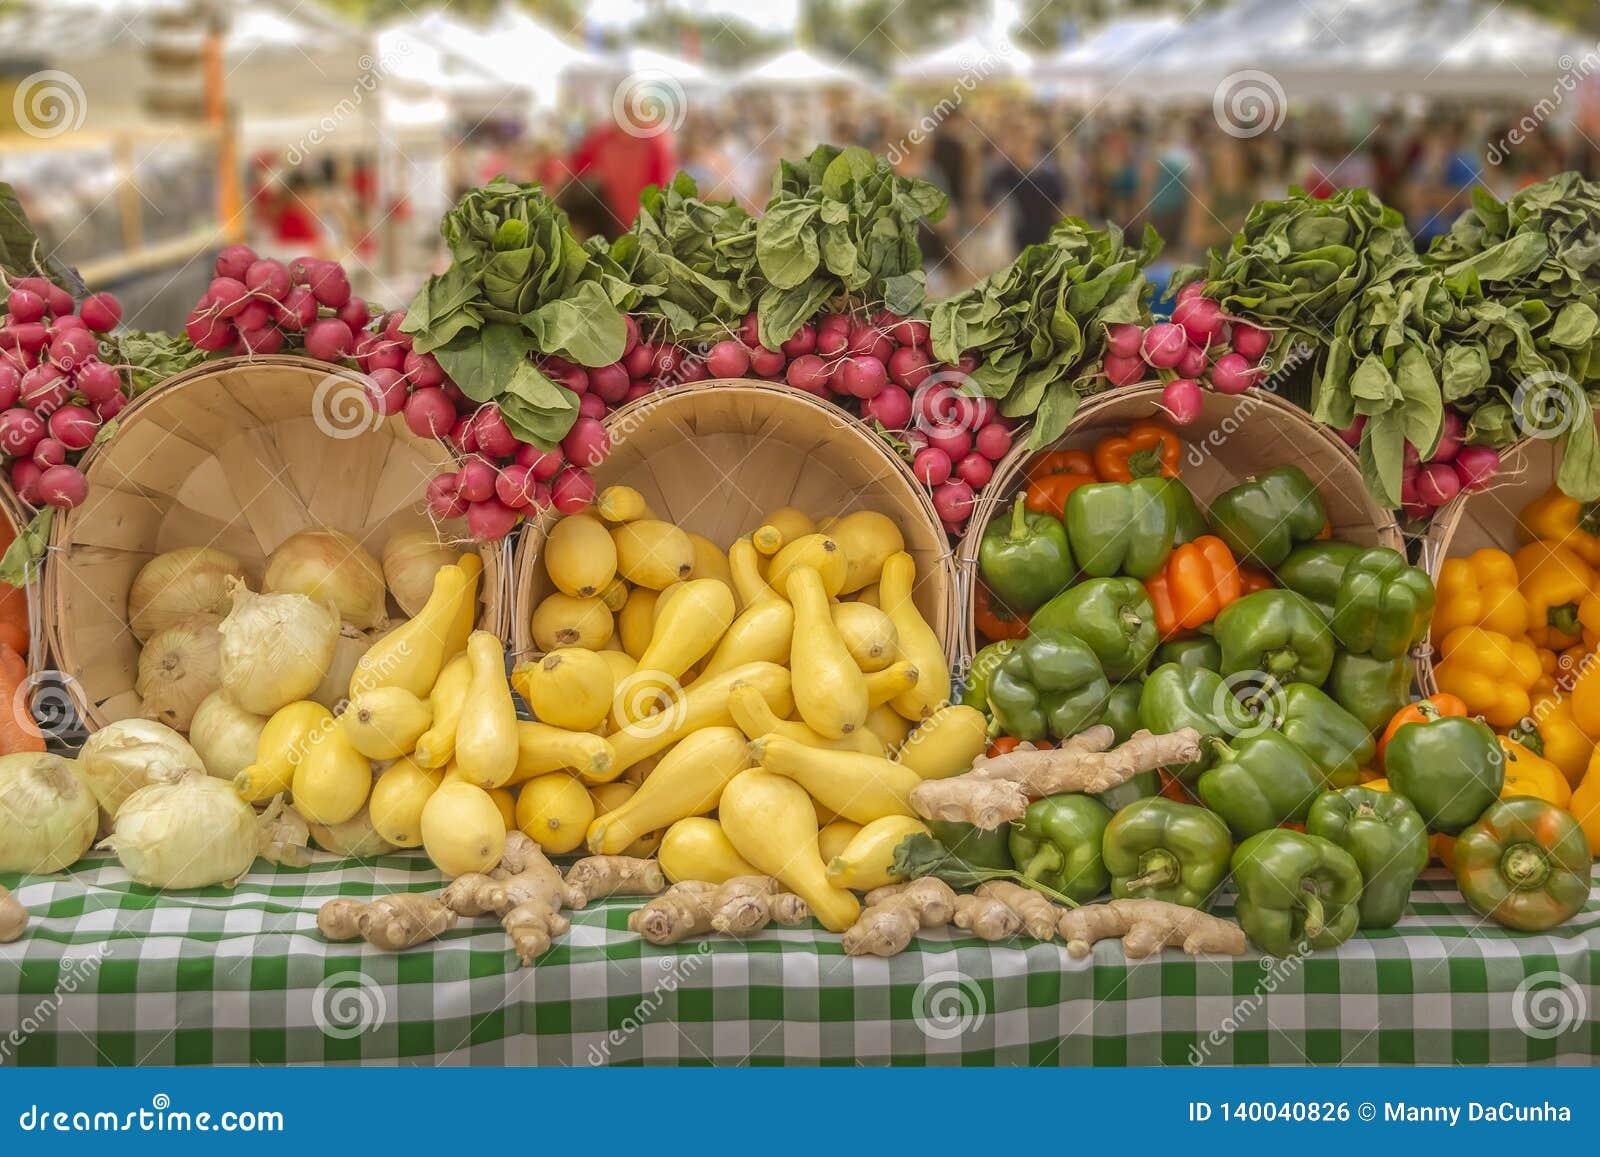 新鲜蔬菜真理美妙地被显示在地方农夫市场,您上将发现真理有机增长